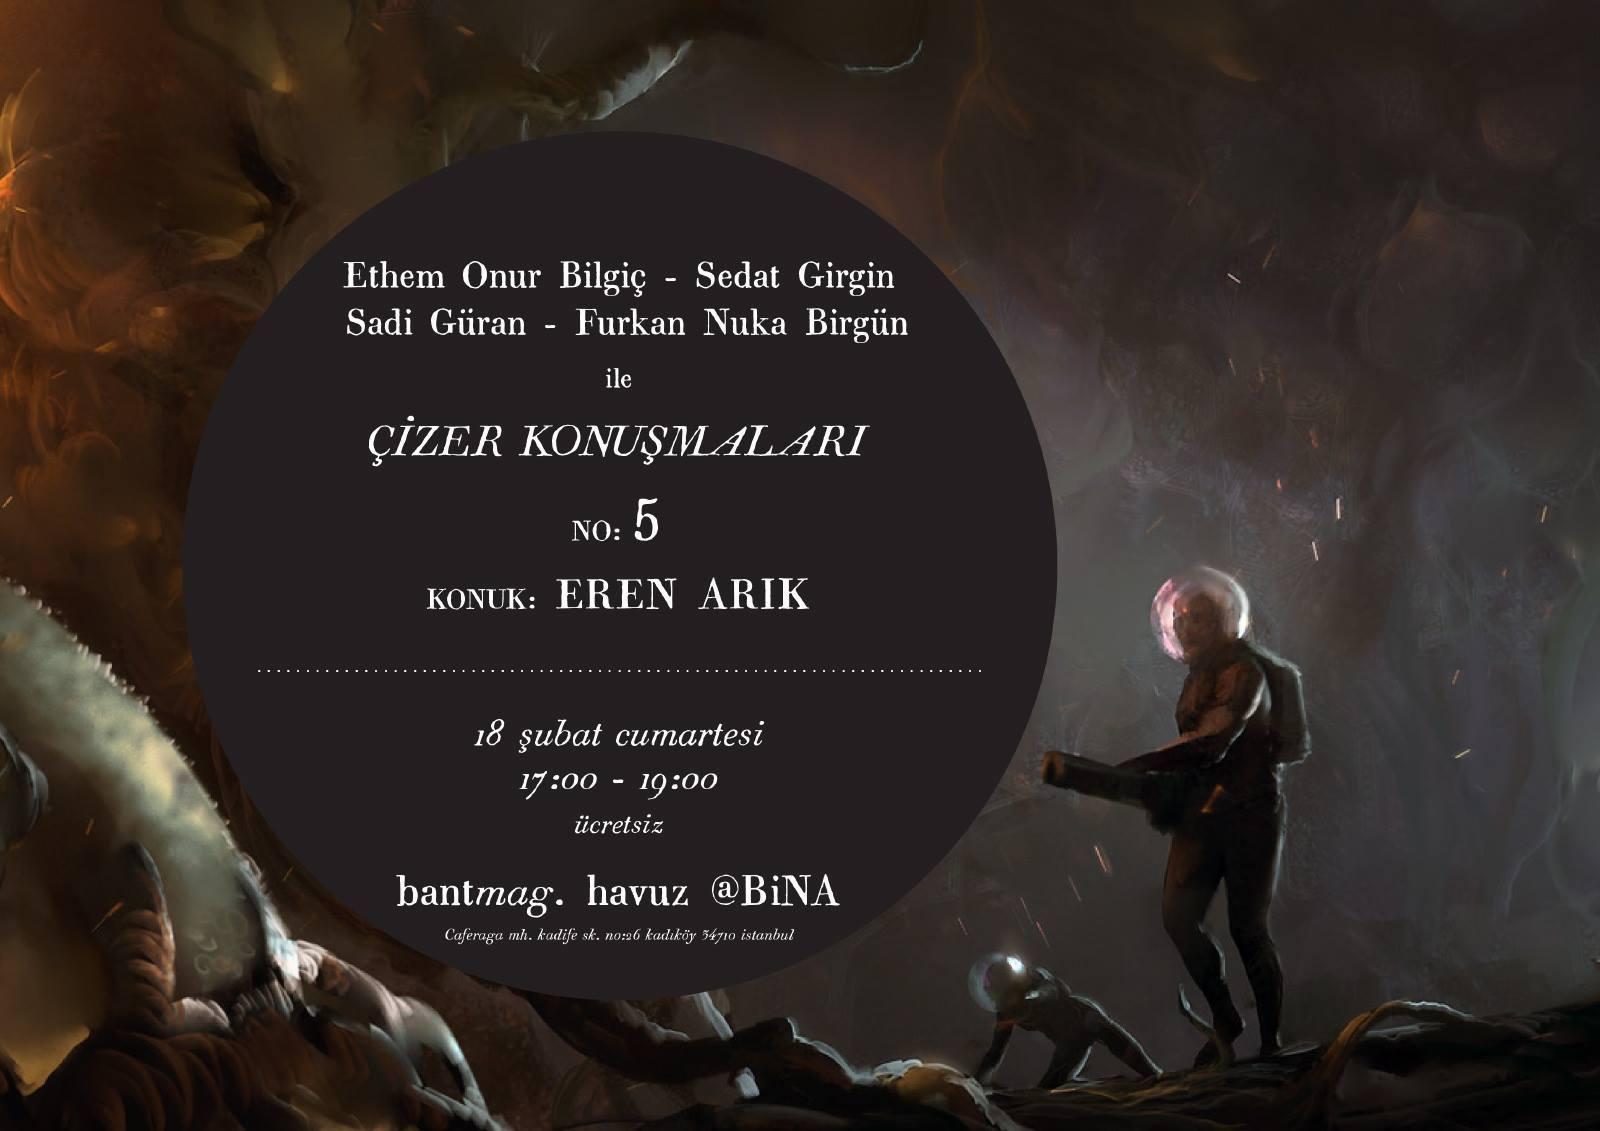 Çizer Konuşmaları: Eren Arık, 18 Şubat, Bant Mag. Havuz